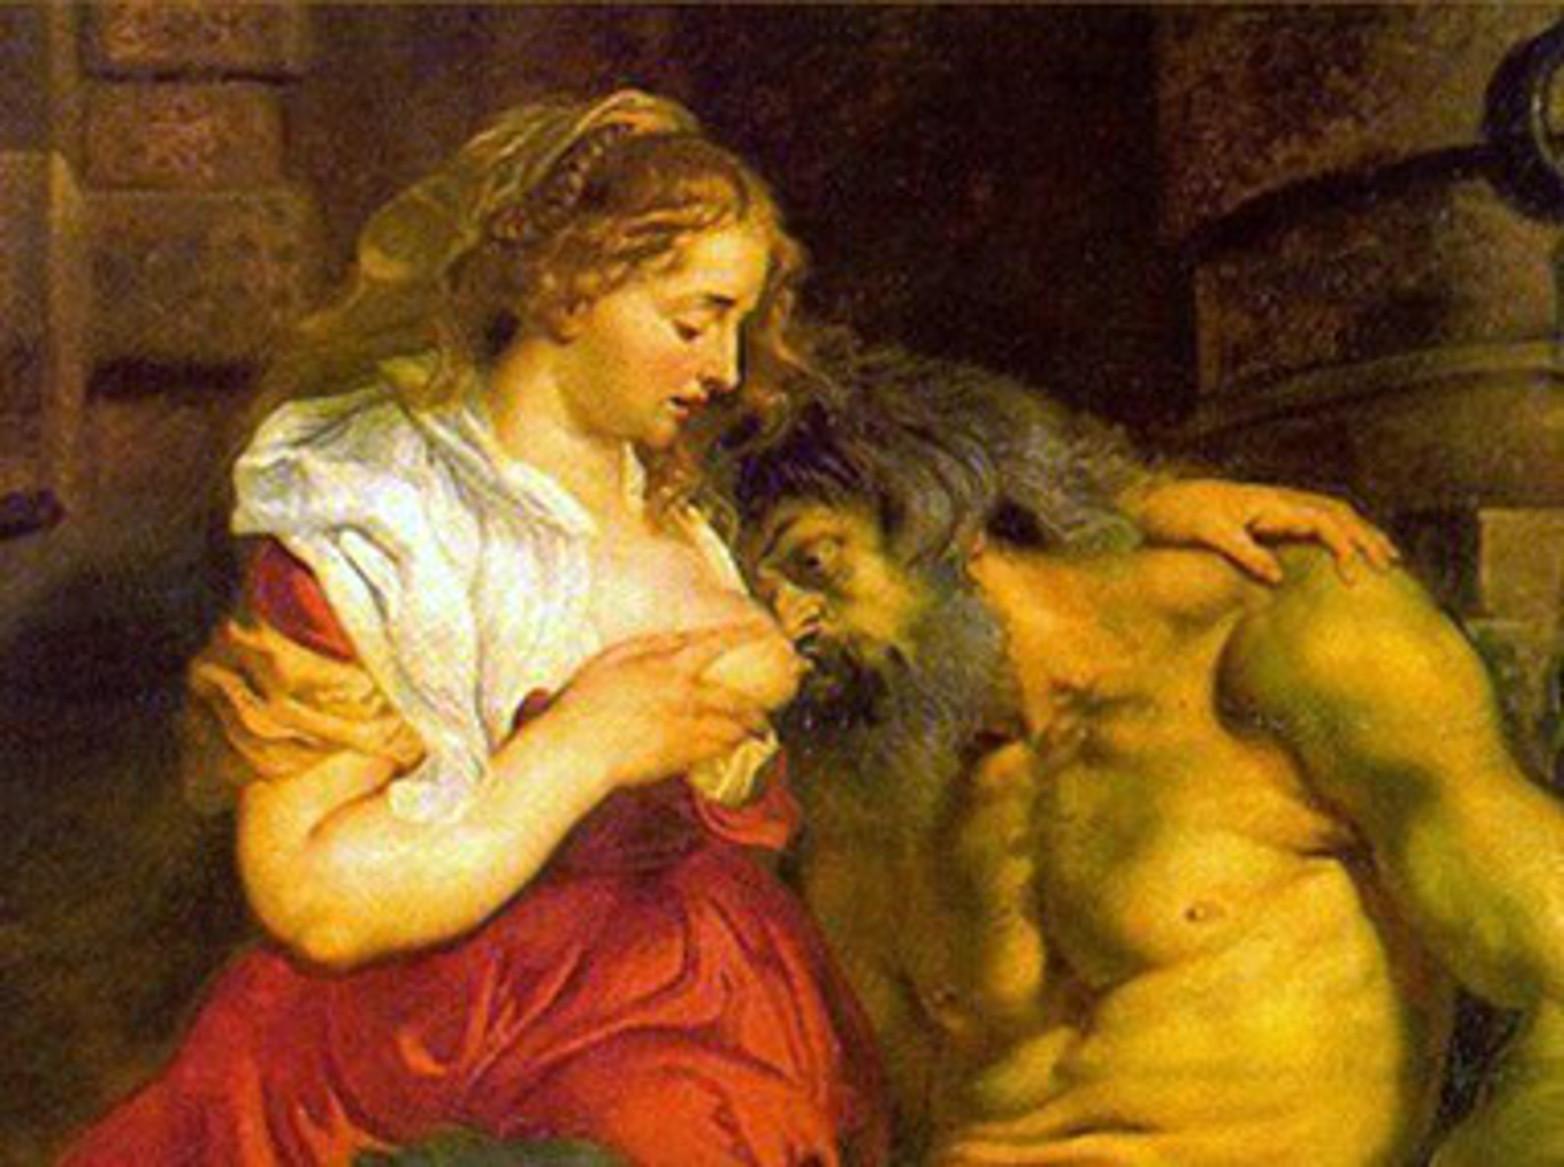 Karmienie piersią dorosłych mężczyzn, czyli brakujące wersy w Koranie